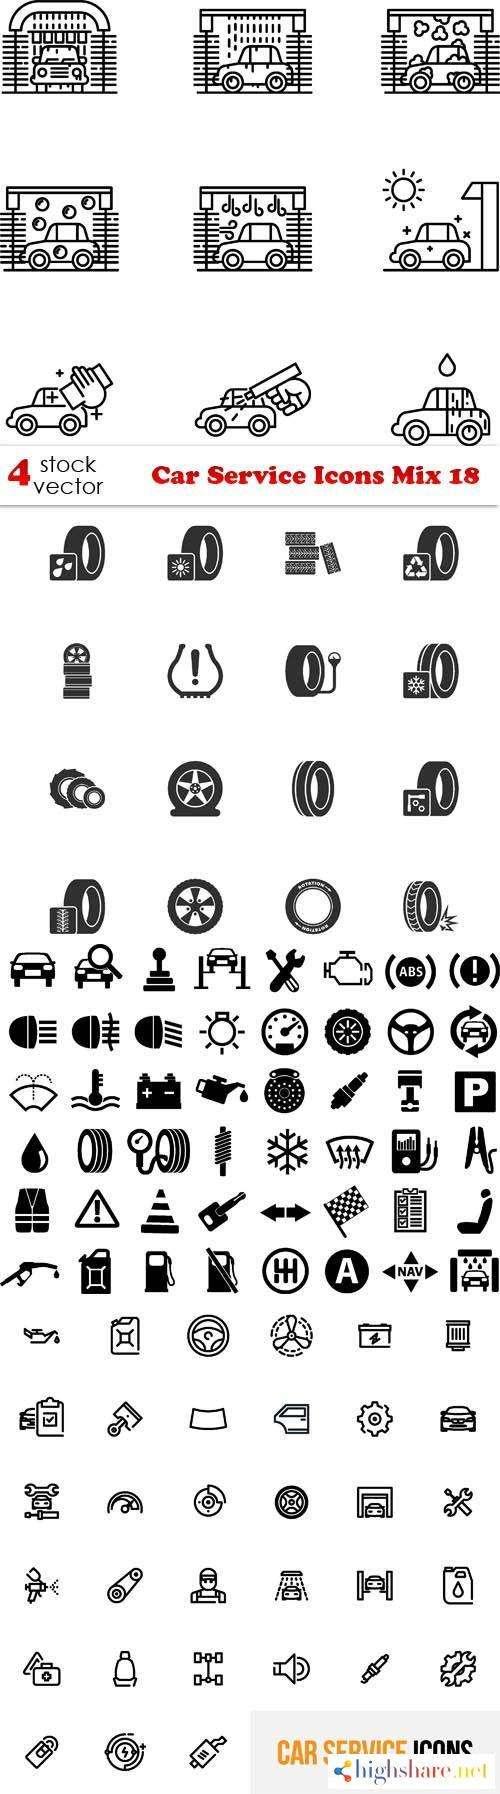 vectors car service icons mix 18 5f4654935d292 - Vectors - Car Service Icons Mix 18